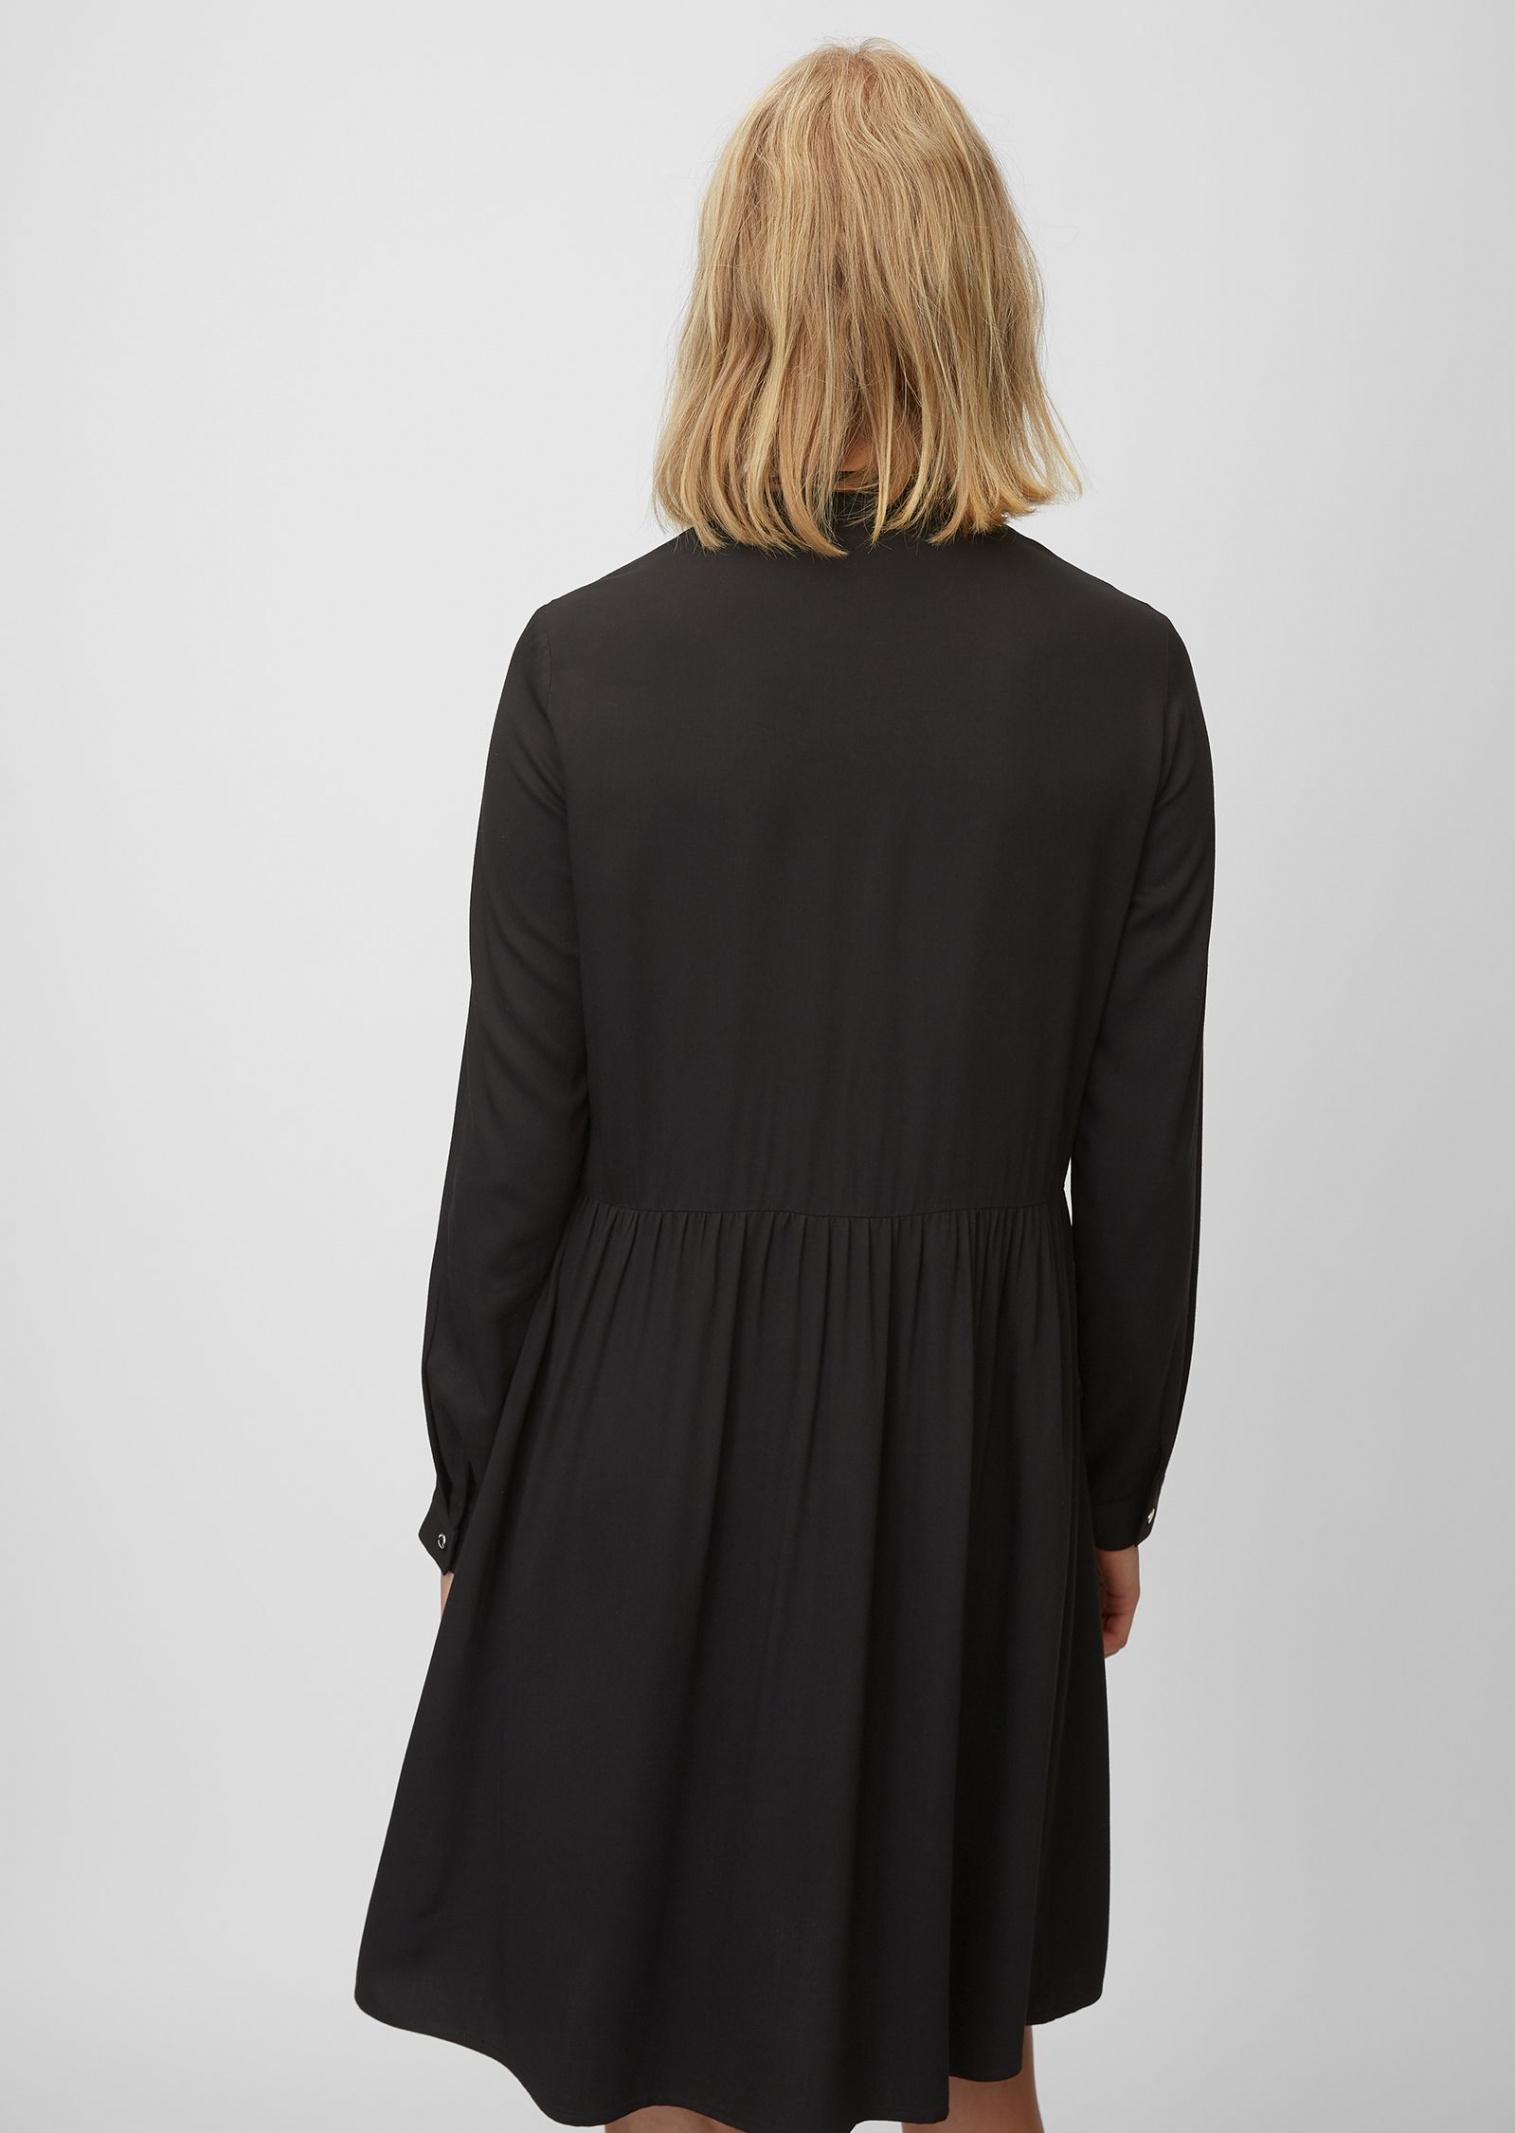 MARC O'POLO DENIM Сукня жіночі модель 950090521441-990 придбати, 2017